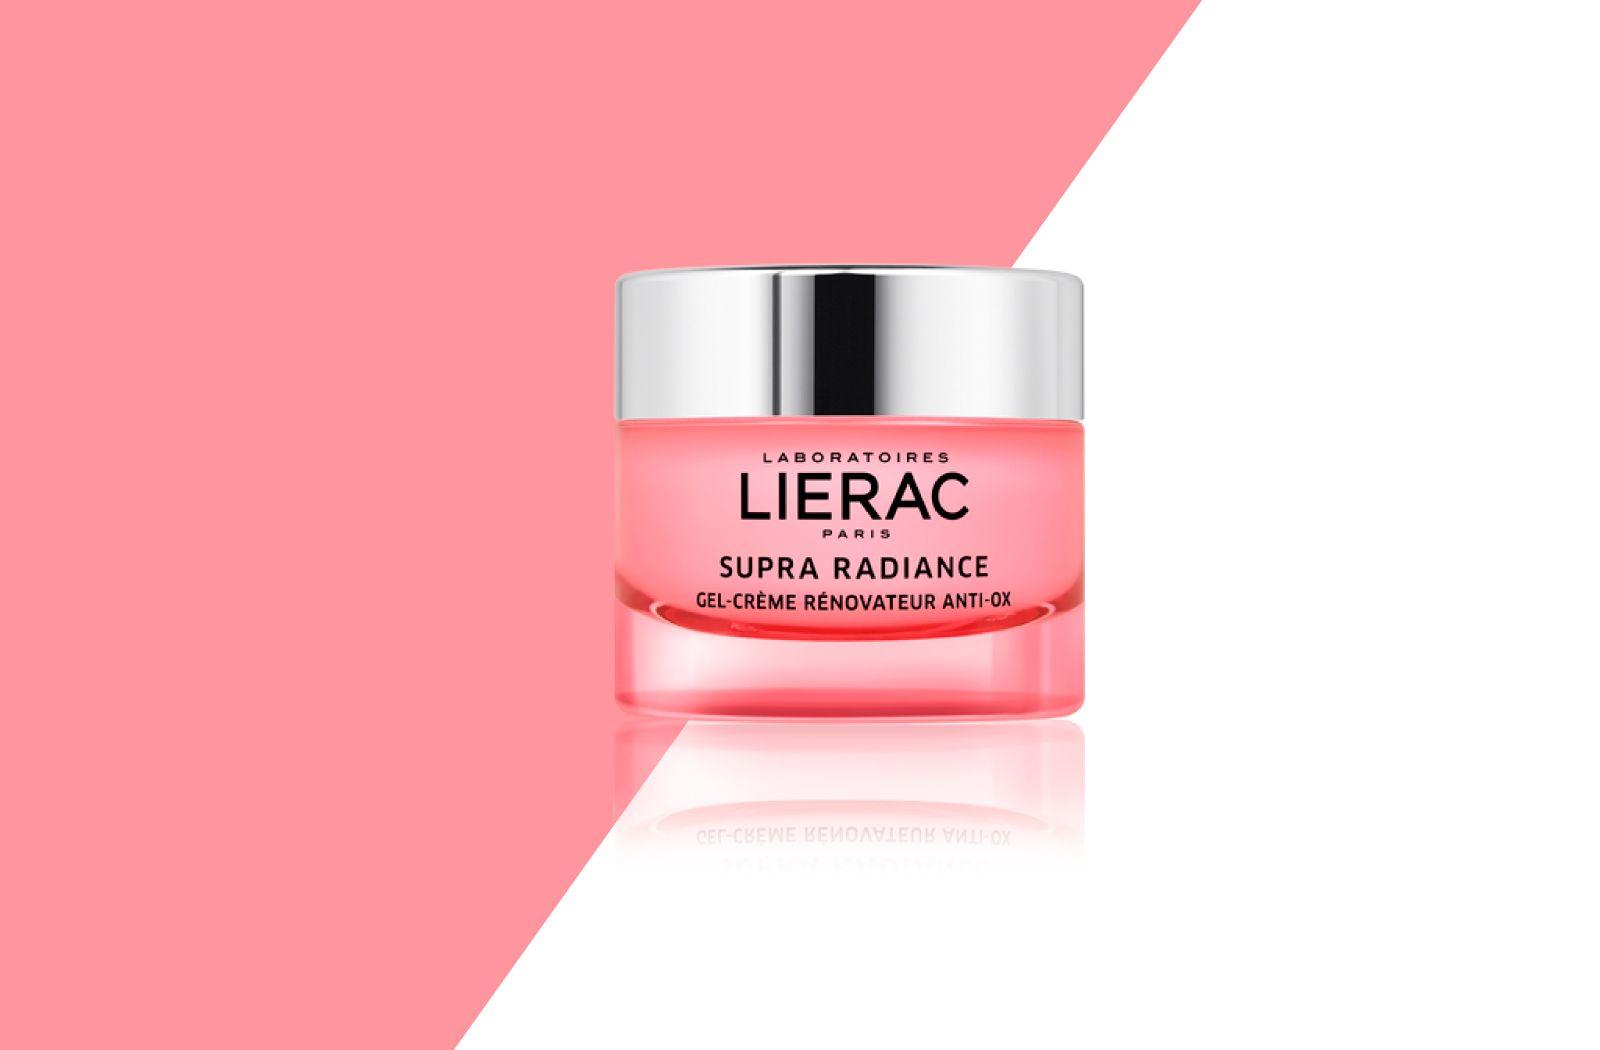 Крем для ухода за кожей Lierac обновляющий обновляющий энзимный гель mature skin